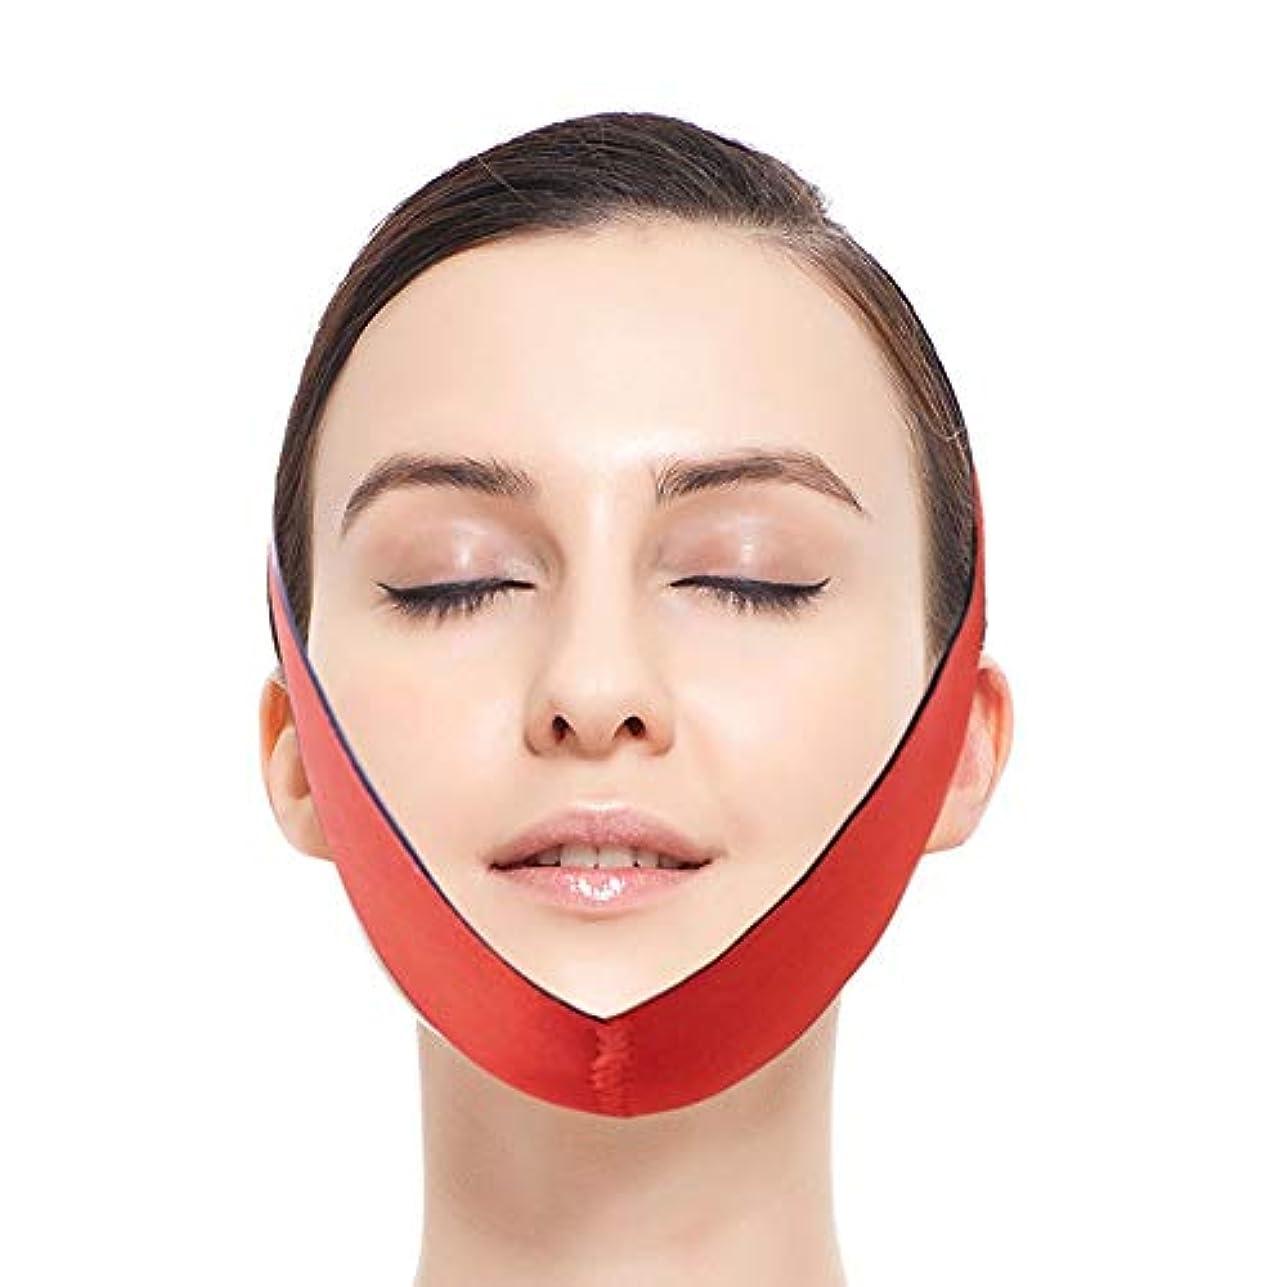 粘土イノセンス批判的にフェイスリフティングアーティファクトVフェイス包帯マスクダブルあご引き締め顔薄い咬傷筋肉下顎矯正顔